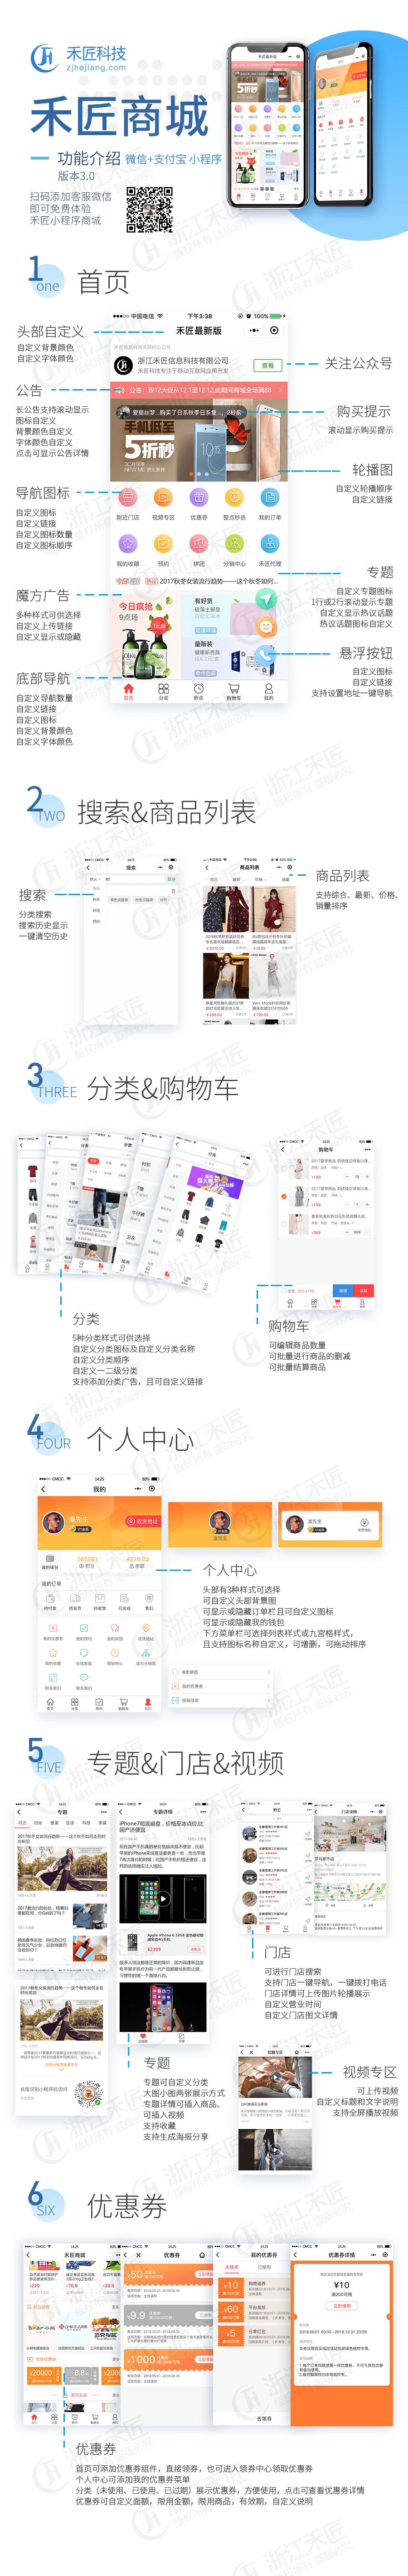 【微信小程序】微擎版禾匠榜店商城小程序V3_3.1.53完整源码包+小程序前端